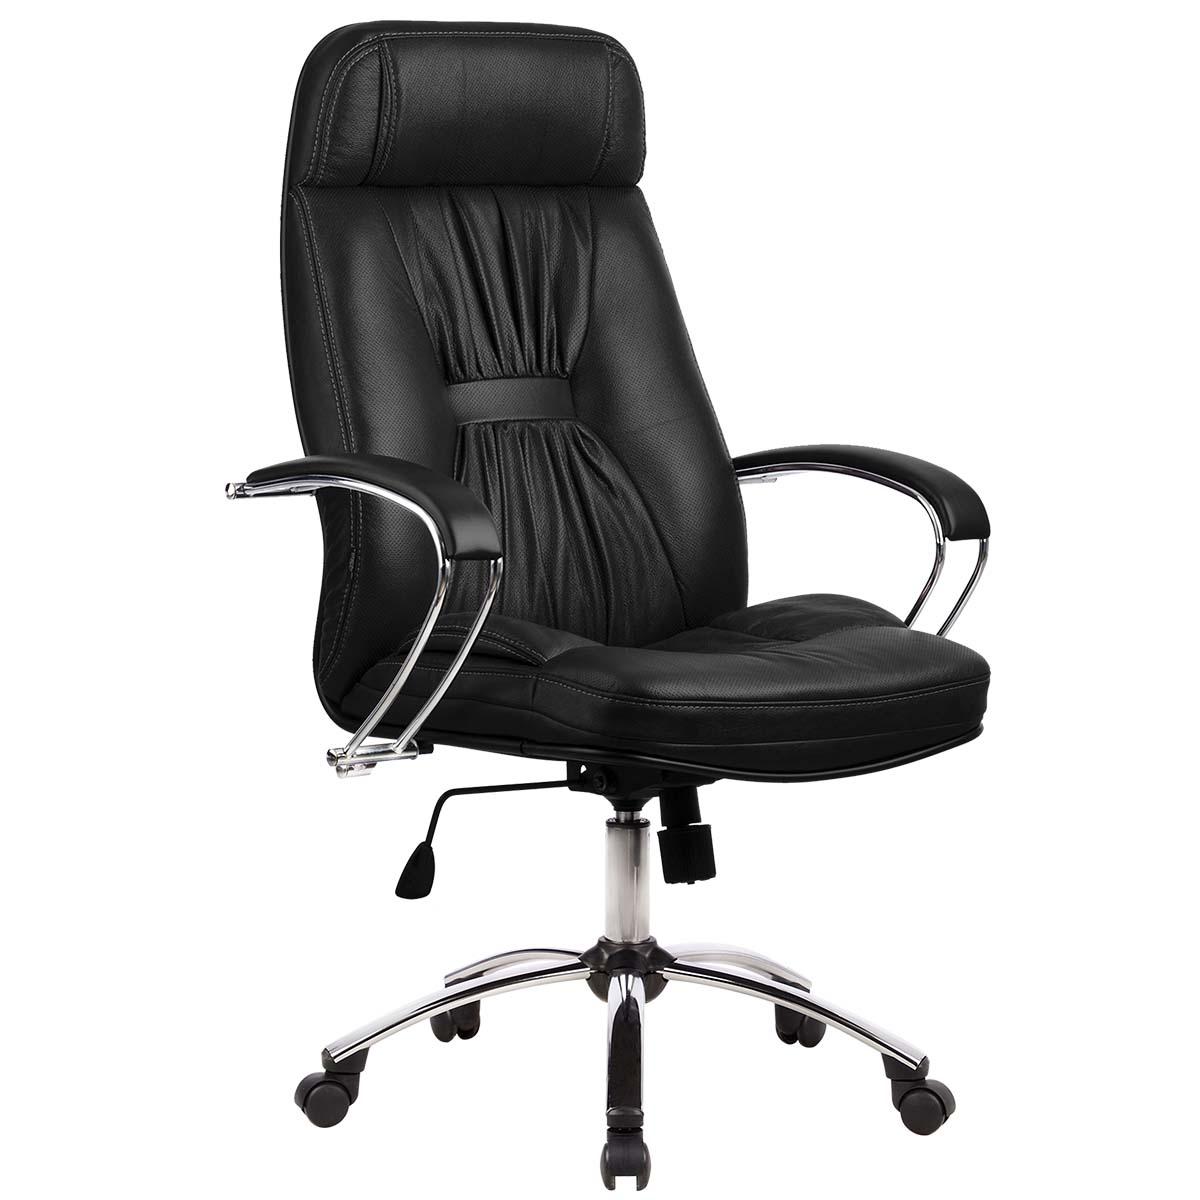 Фото - Офисное кресло Metta LK-7 Pl Ткань и эко-кожа Черный имидж мастер парикмахерское кресло версаль гидравлика пятилучье хром 49 цветов небесный 4